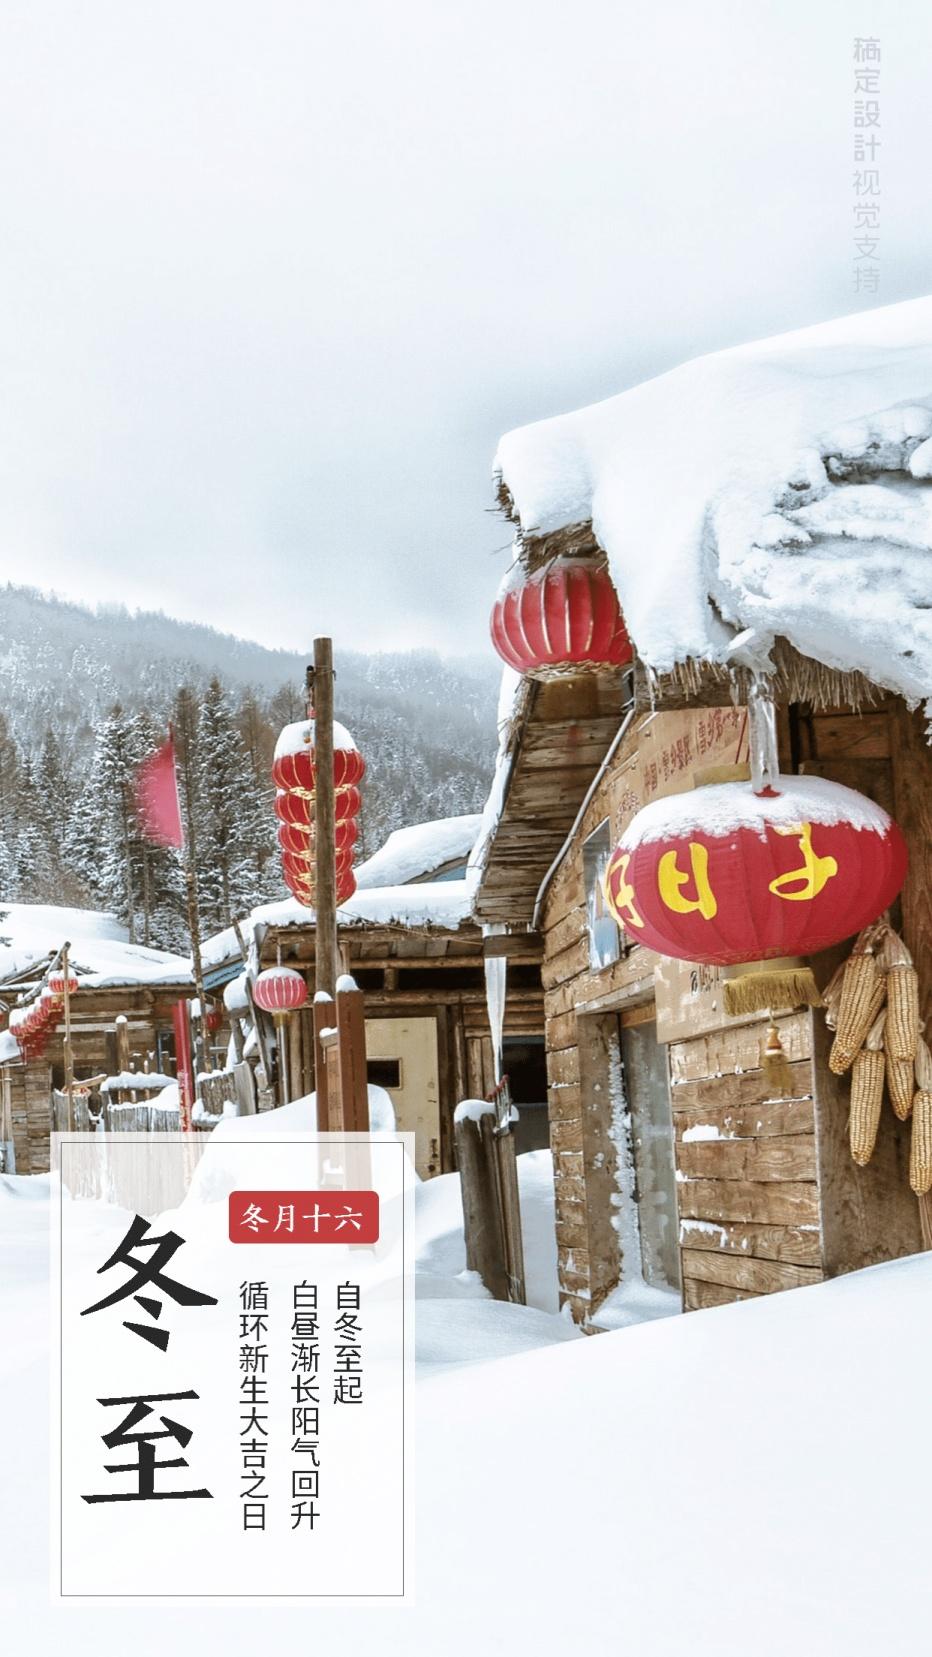 雪景冬至风景海报